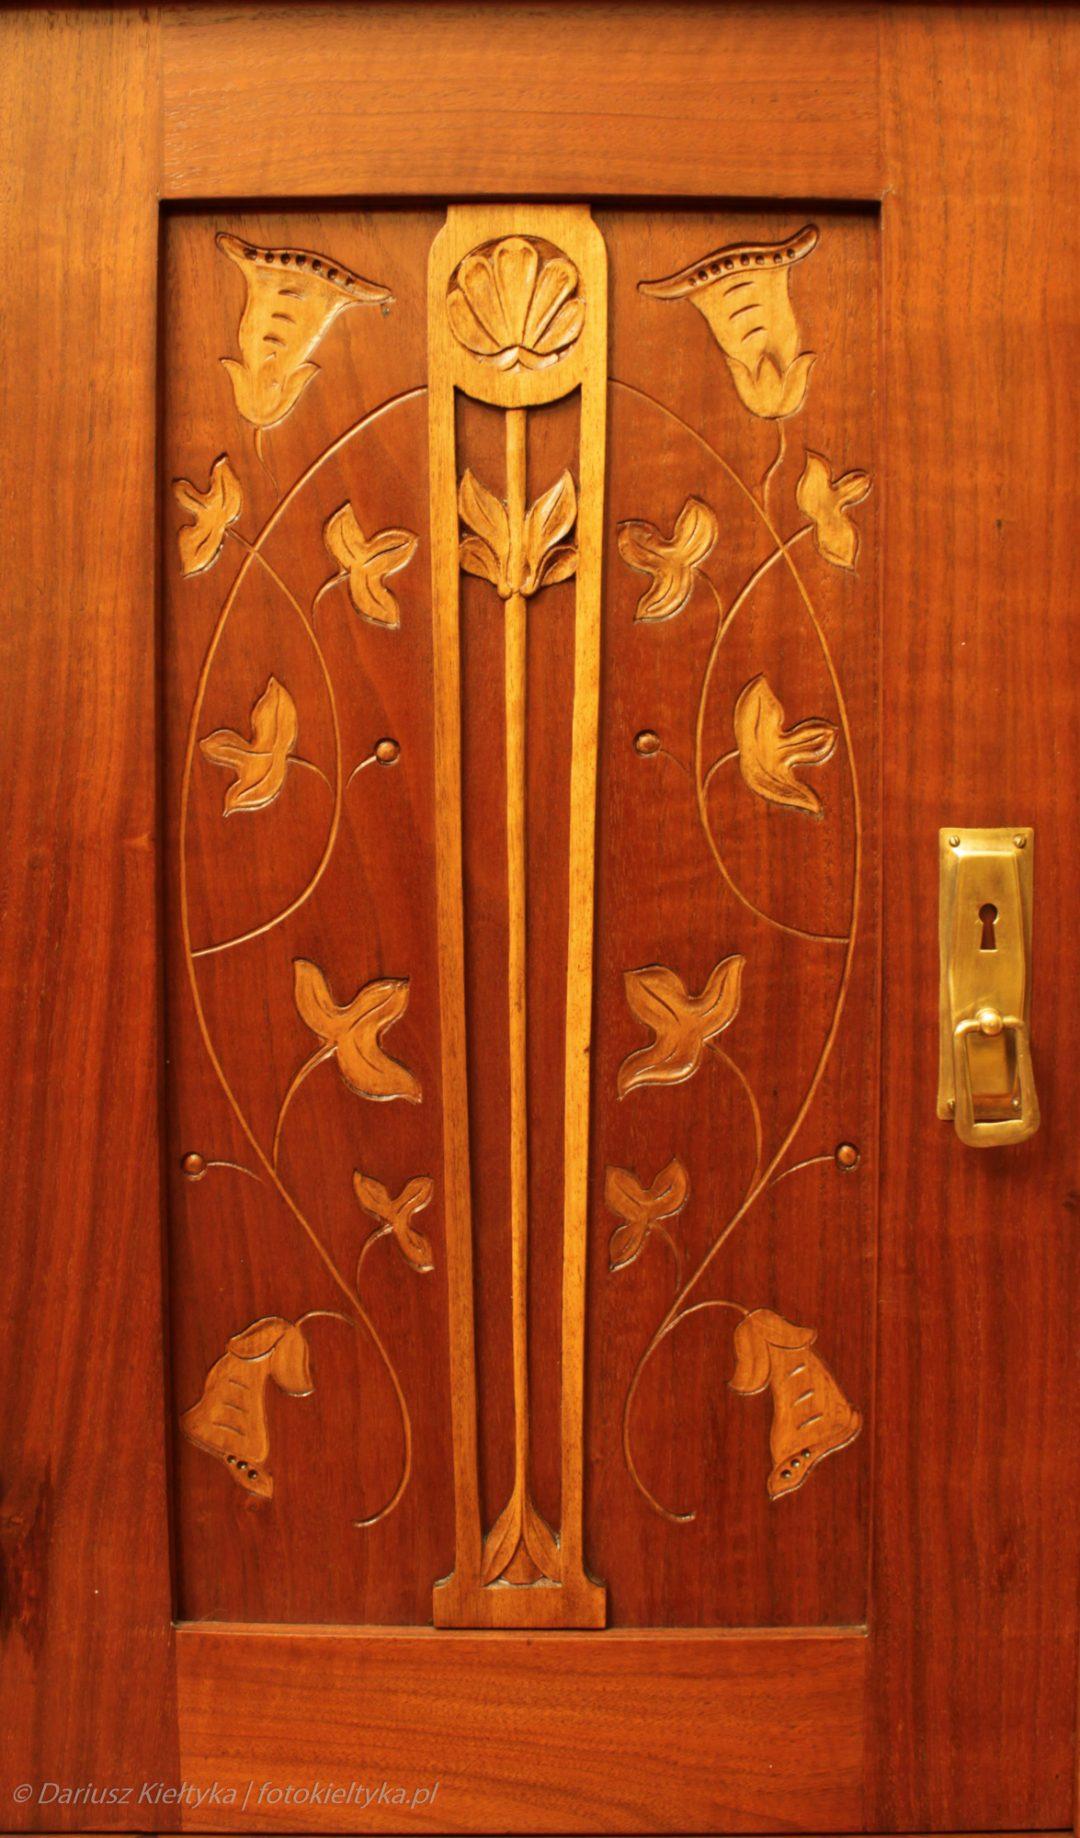 fotografia zdjęcie foto meble antyki secesja drzwi okucie rzeźbienia motyw